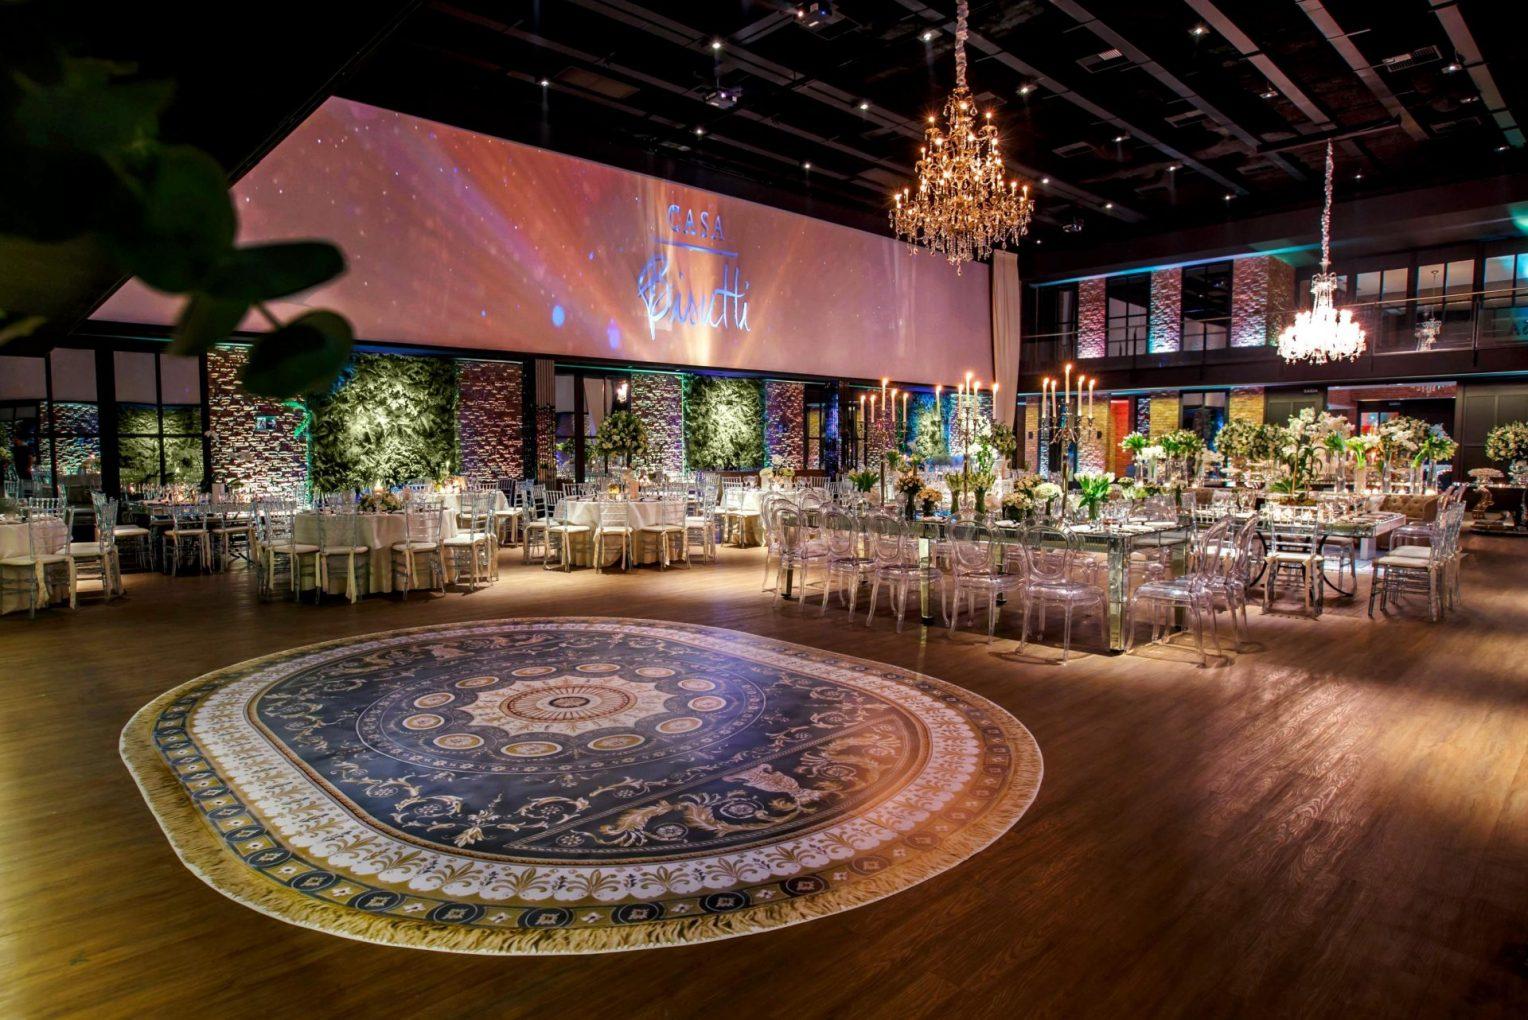 Pista de dança personalizada: Seu Casamento Merece Uma!